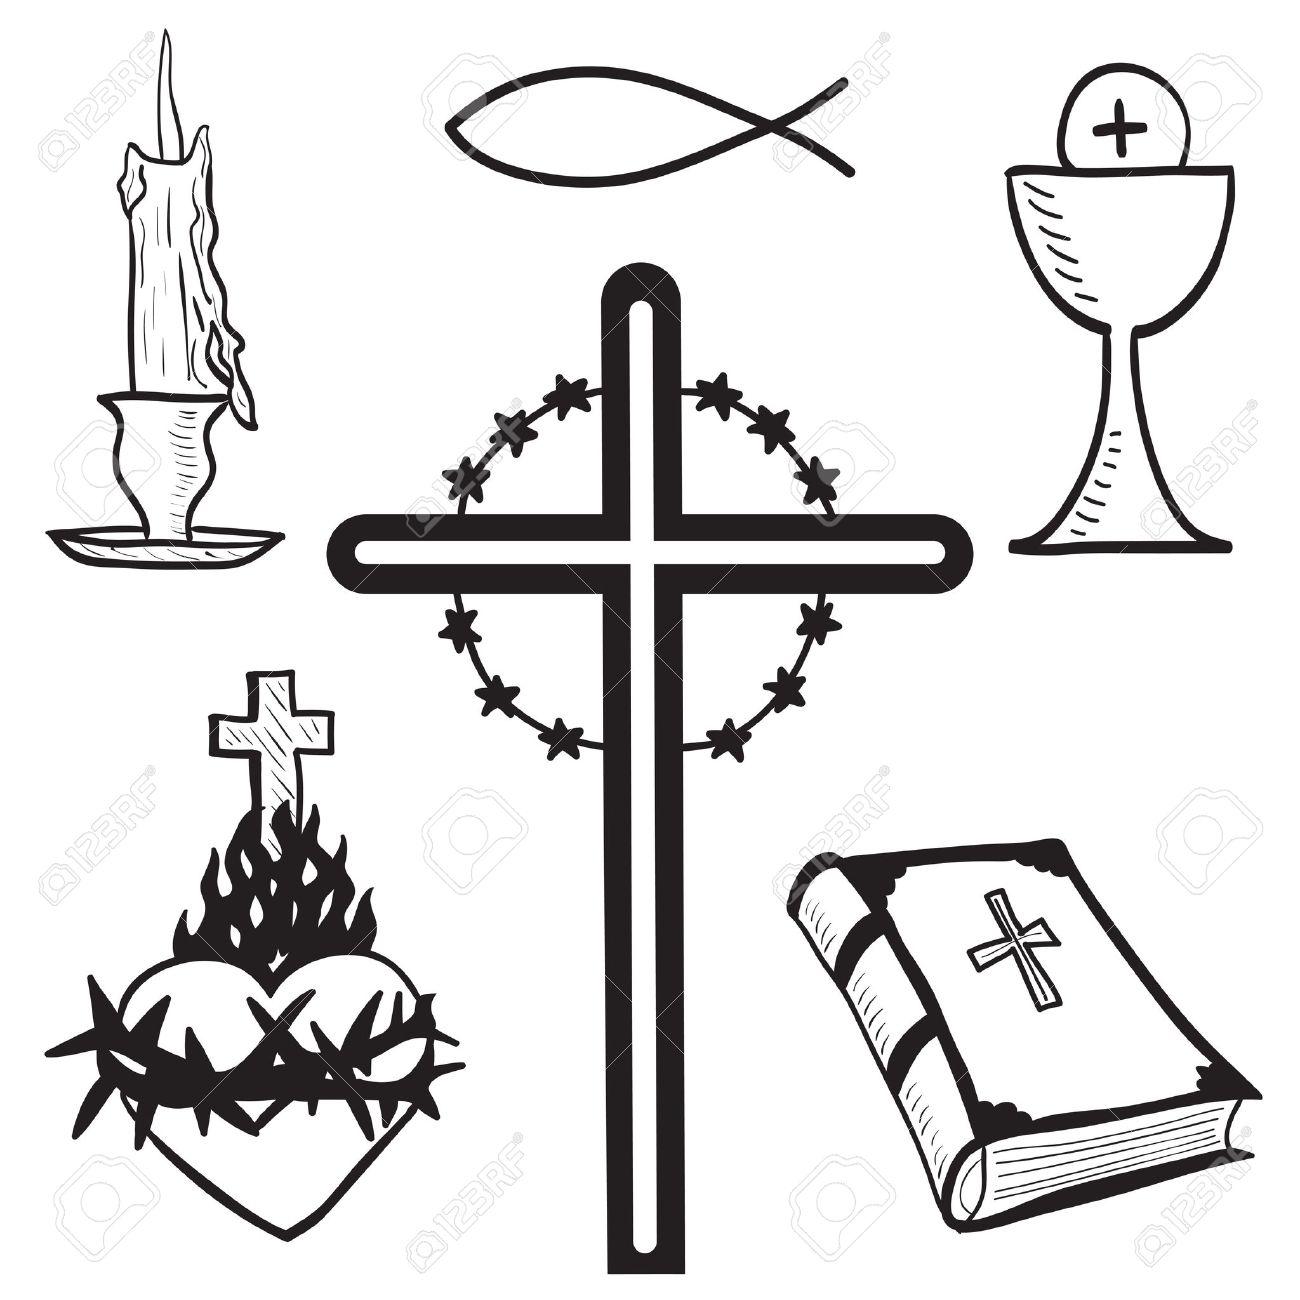 キリスト教手描きイラスト ろうそく十字架聖書魚心臓